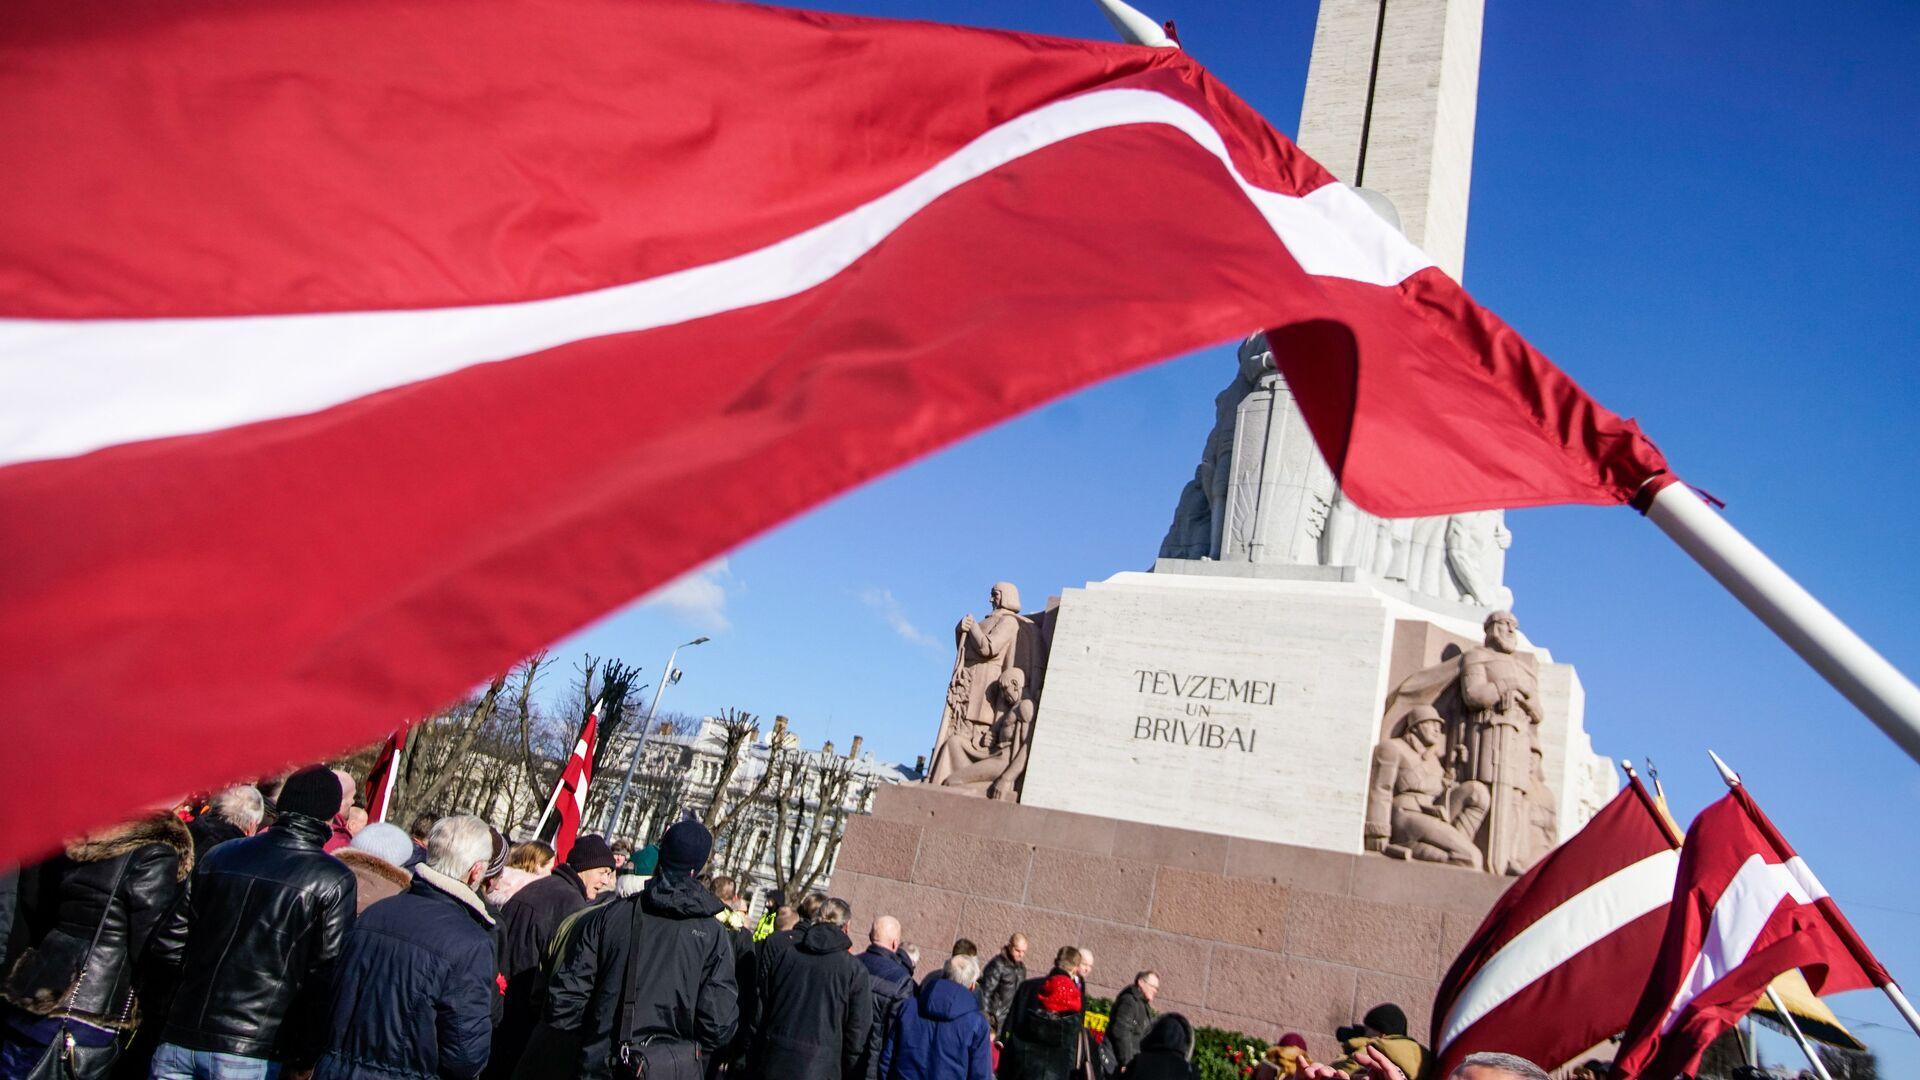 Участники марша бывших латышских легионеров Ваффен СС и их сторонников у памятника Свободы в Риге - РИА Новости, 1920, 19.11.2020